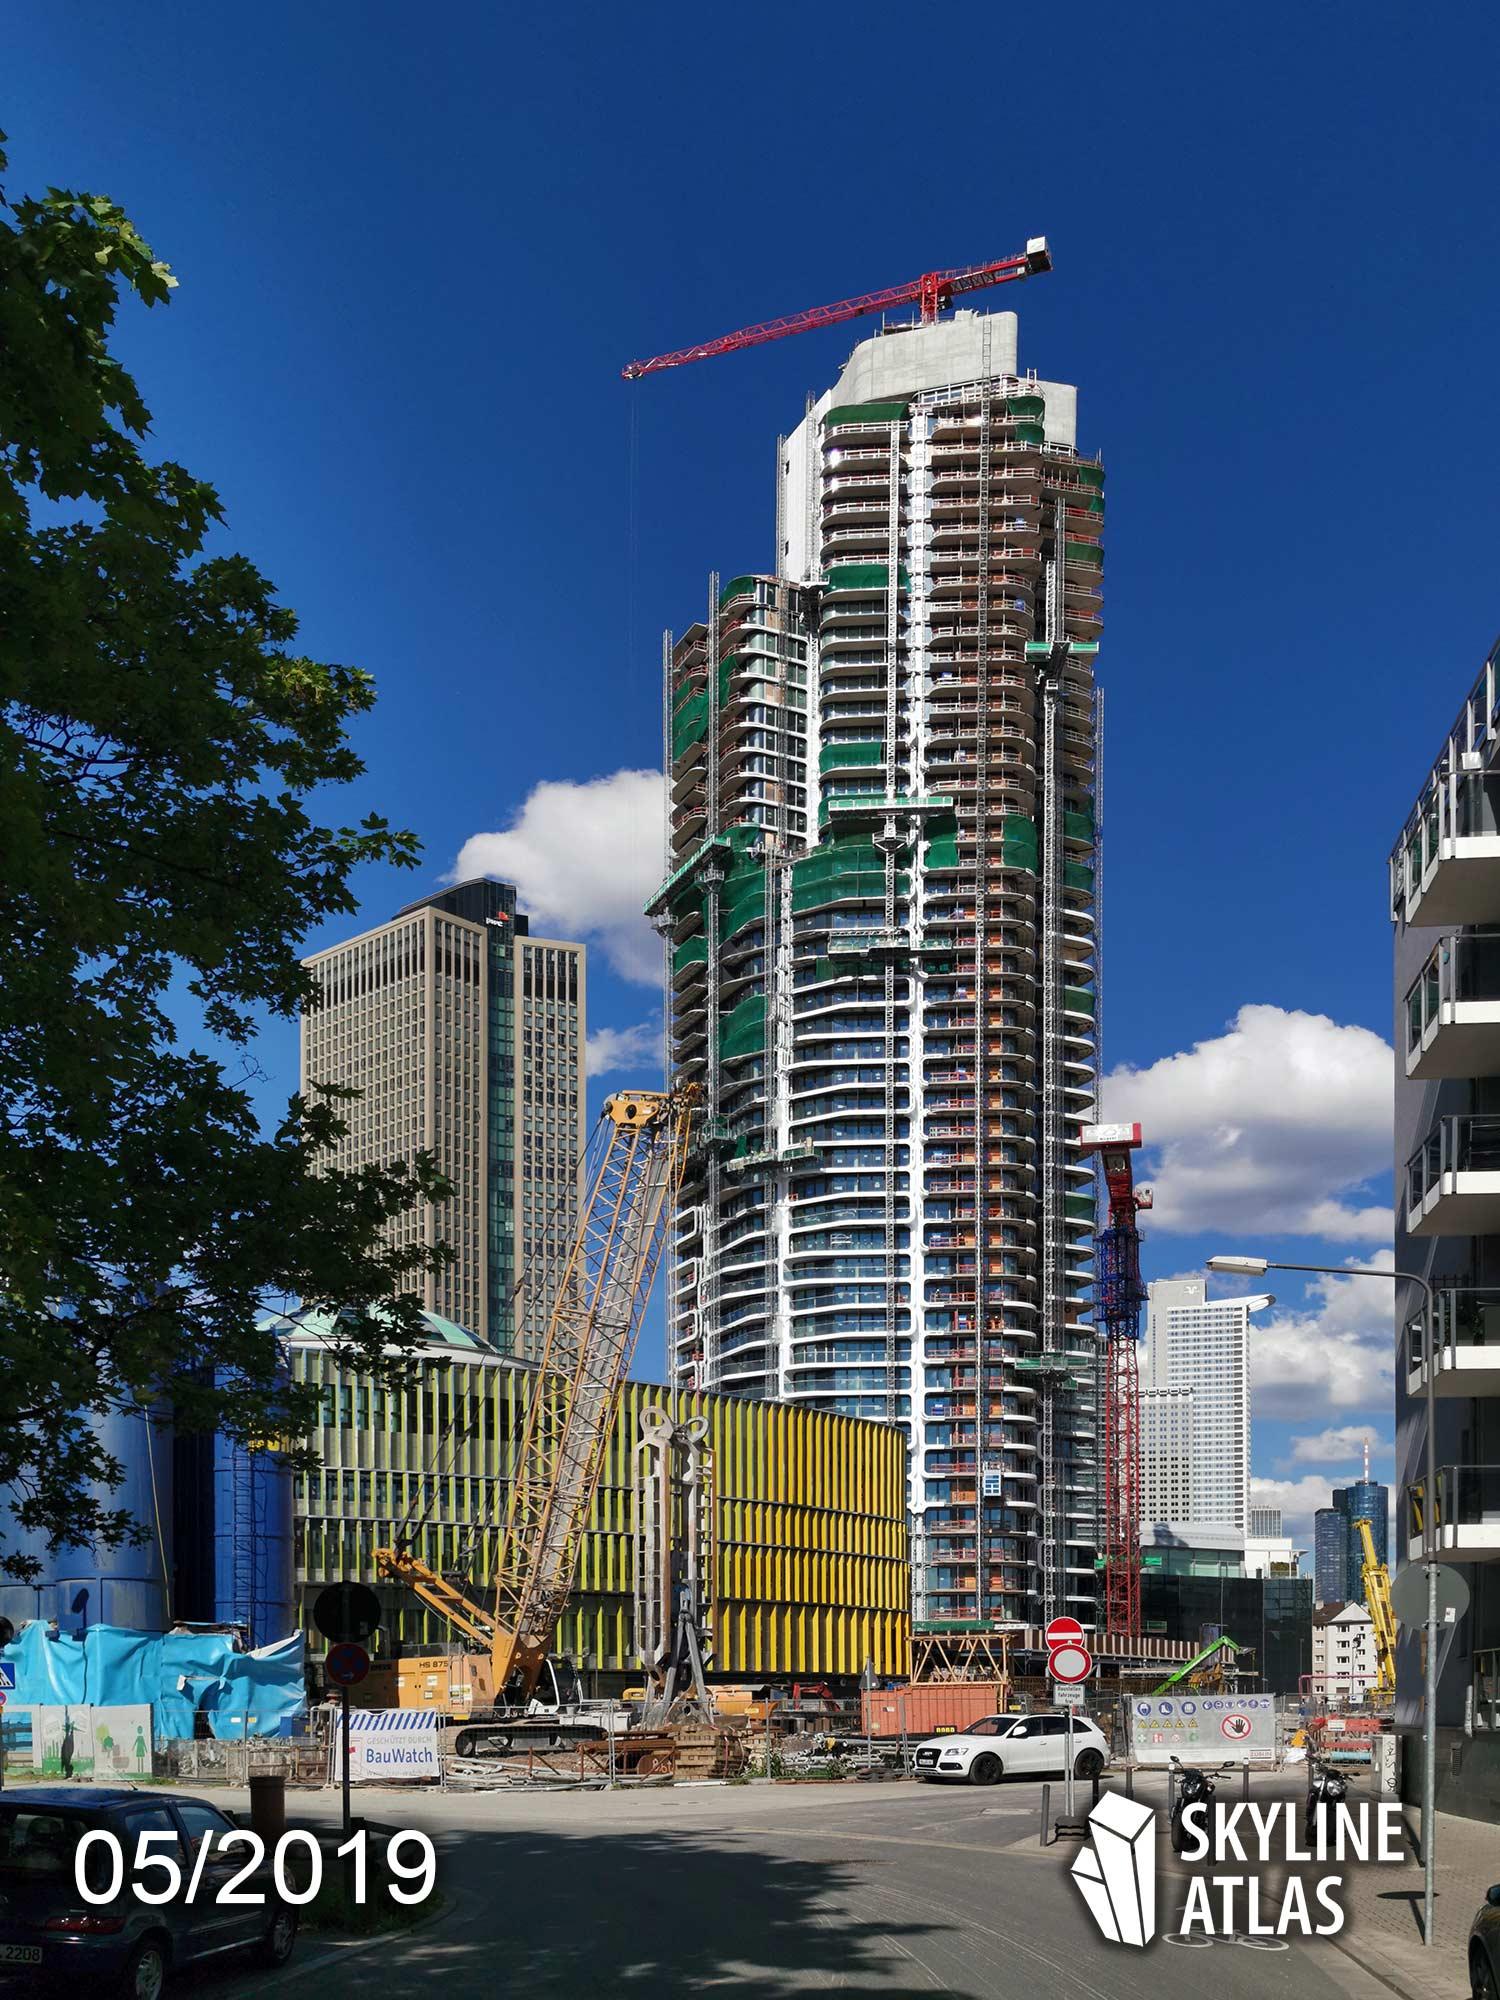 Grand Tower in Frankfurt - Deutschlands höchster Wohnturm - Eigentumswohnungen - Luxuswohnungen - Neubau - Baustelle Mai 2019